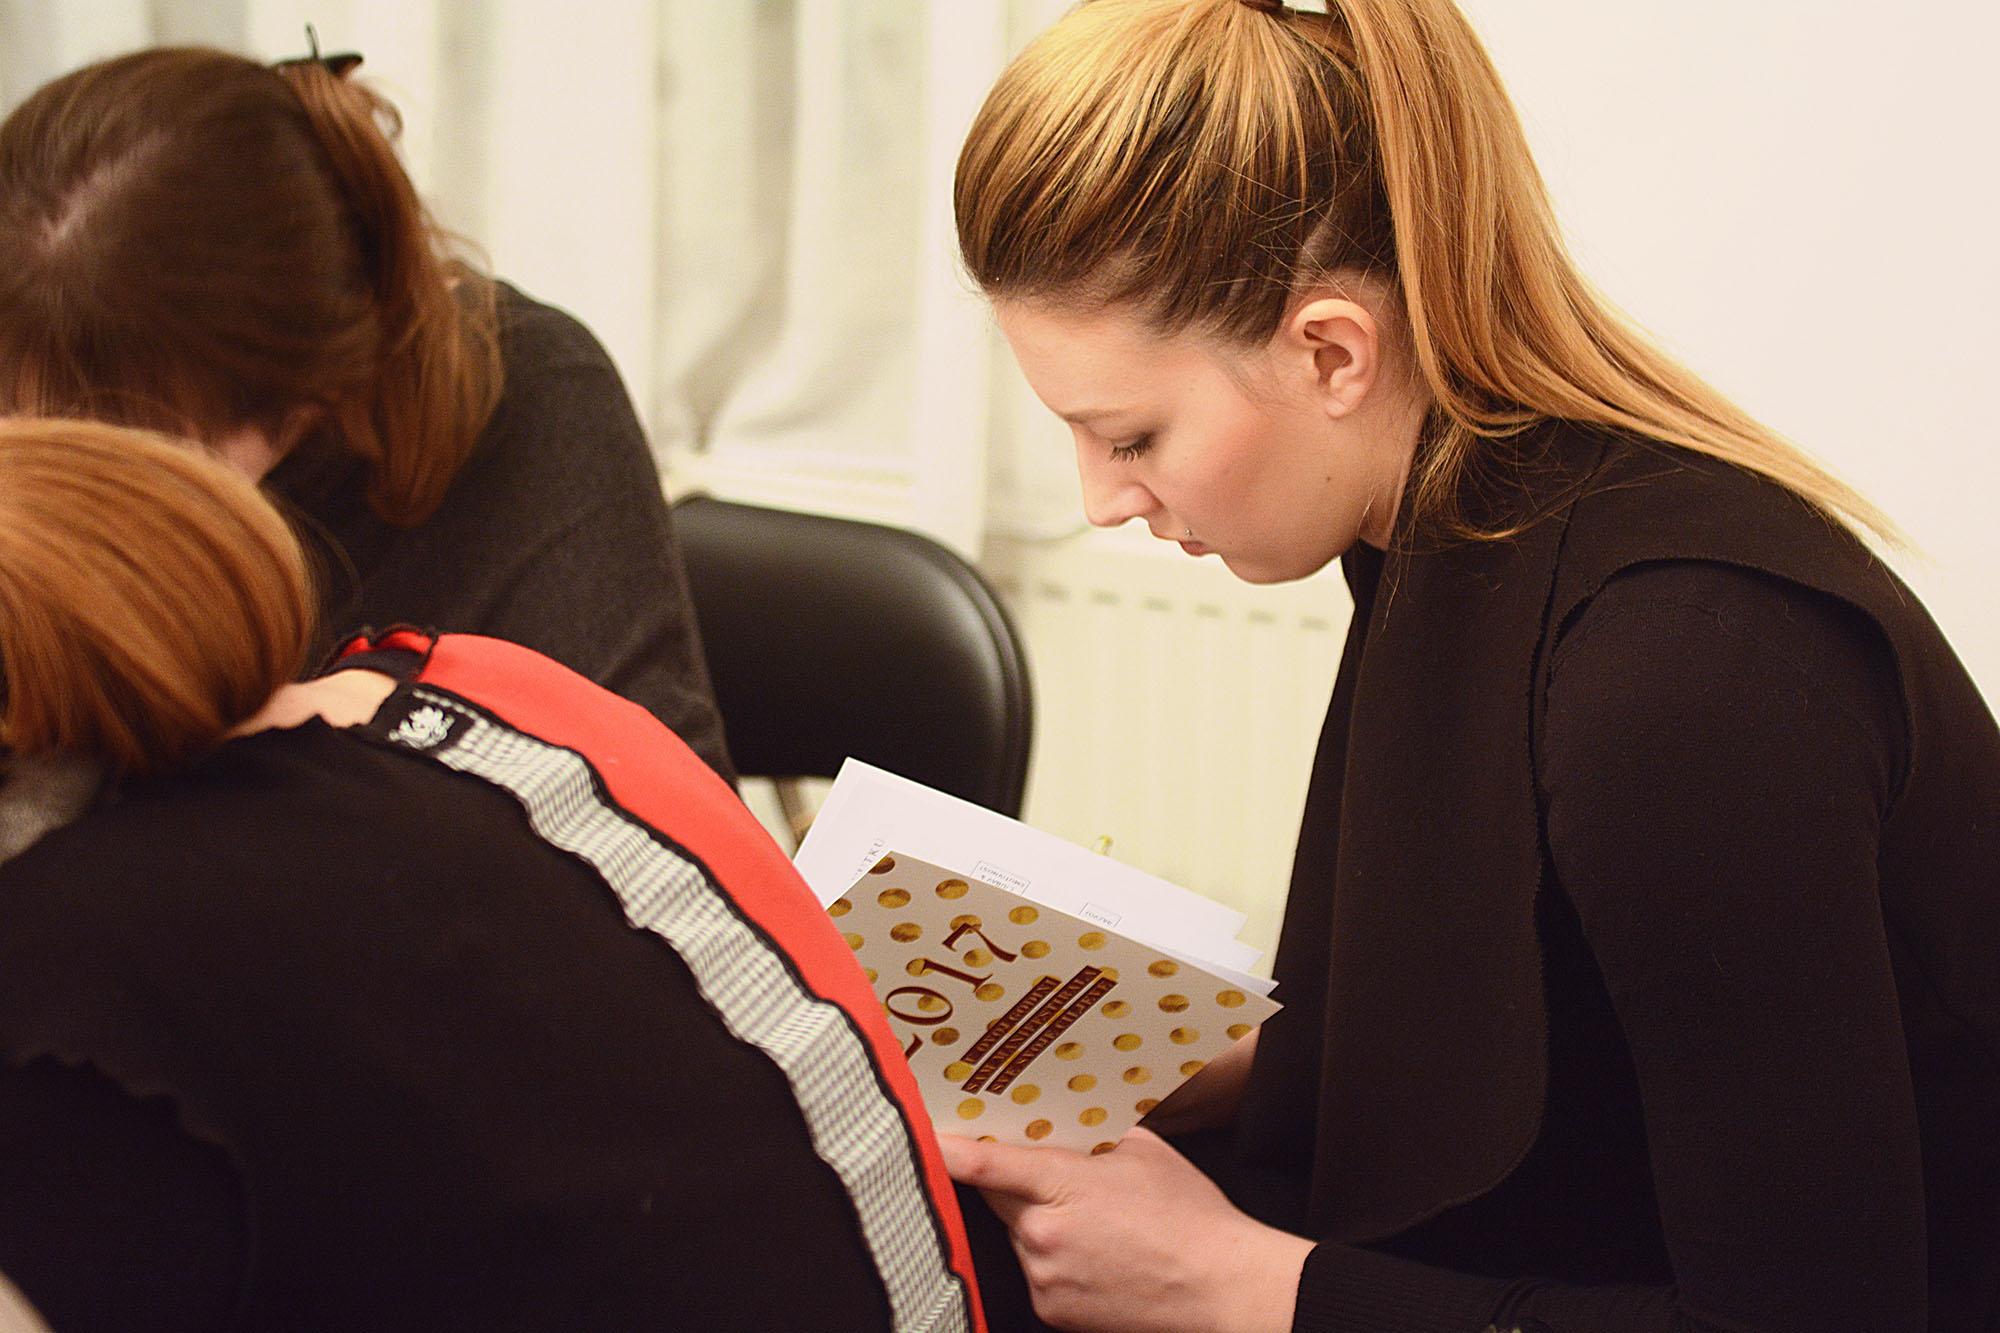 Petra Cutuk Vjeruj Traži Manifestiraj Zdravlje Meditacija Vježbe Disanja Samopouzdanje Posao Manifestiraj Zagreb Ciljevi Harmonija Ljubav Ljepota